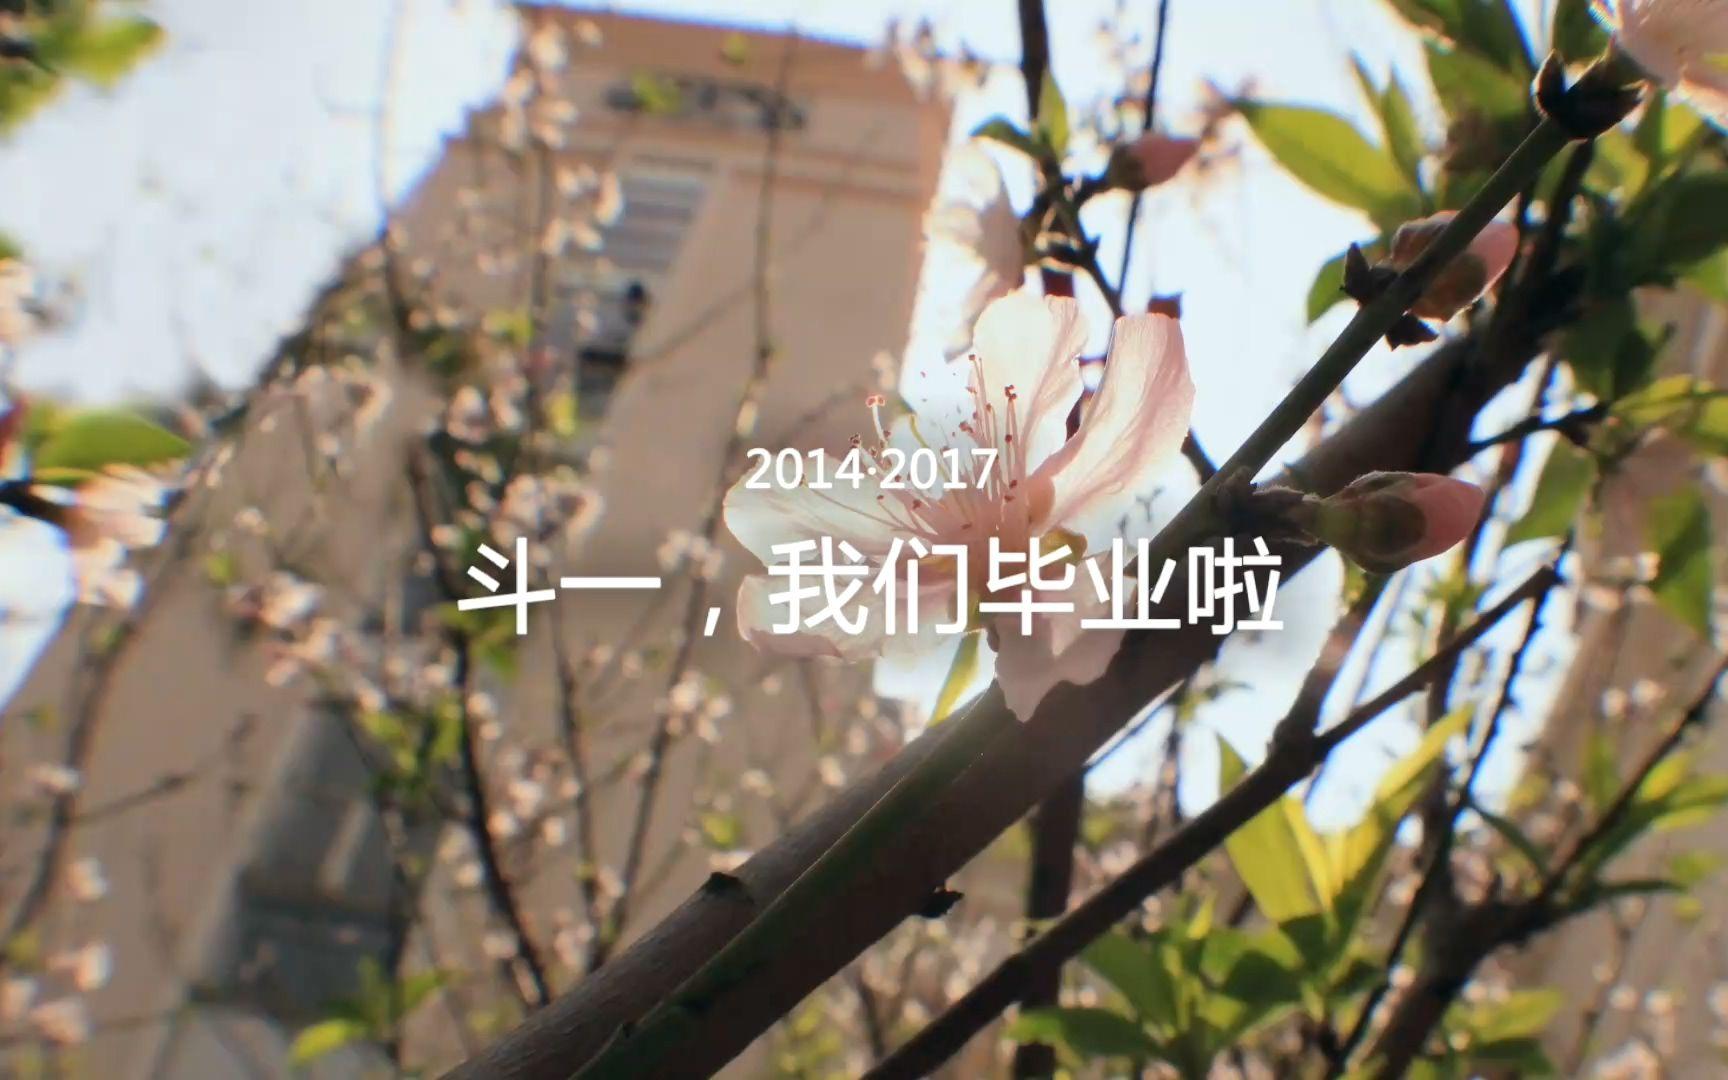 【斗门一中信息部】我们的三年·2017届毕业混剪